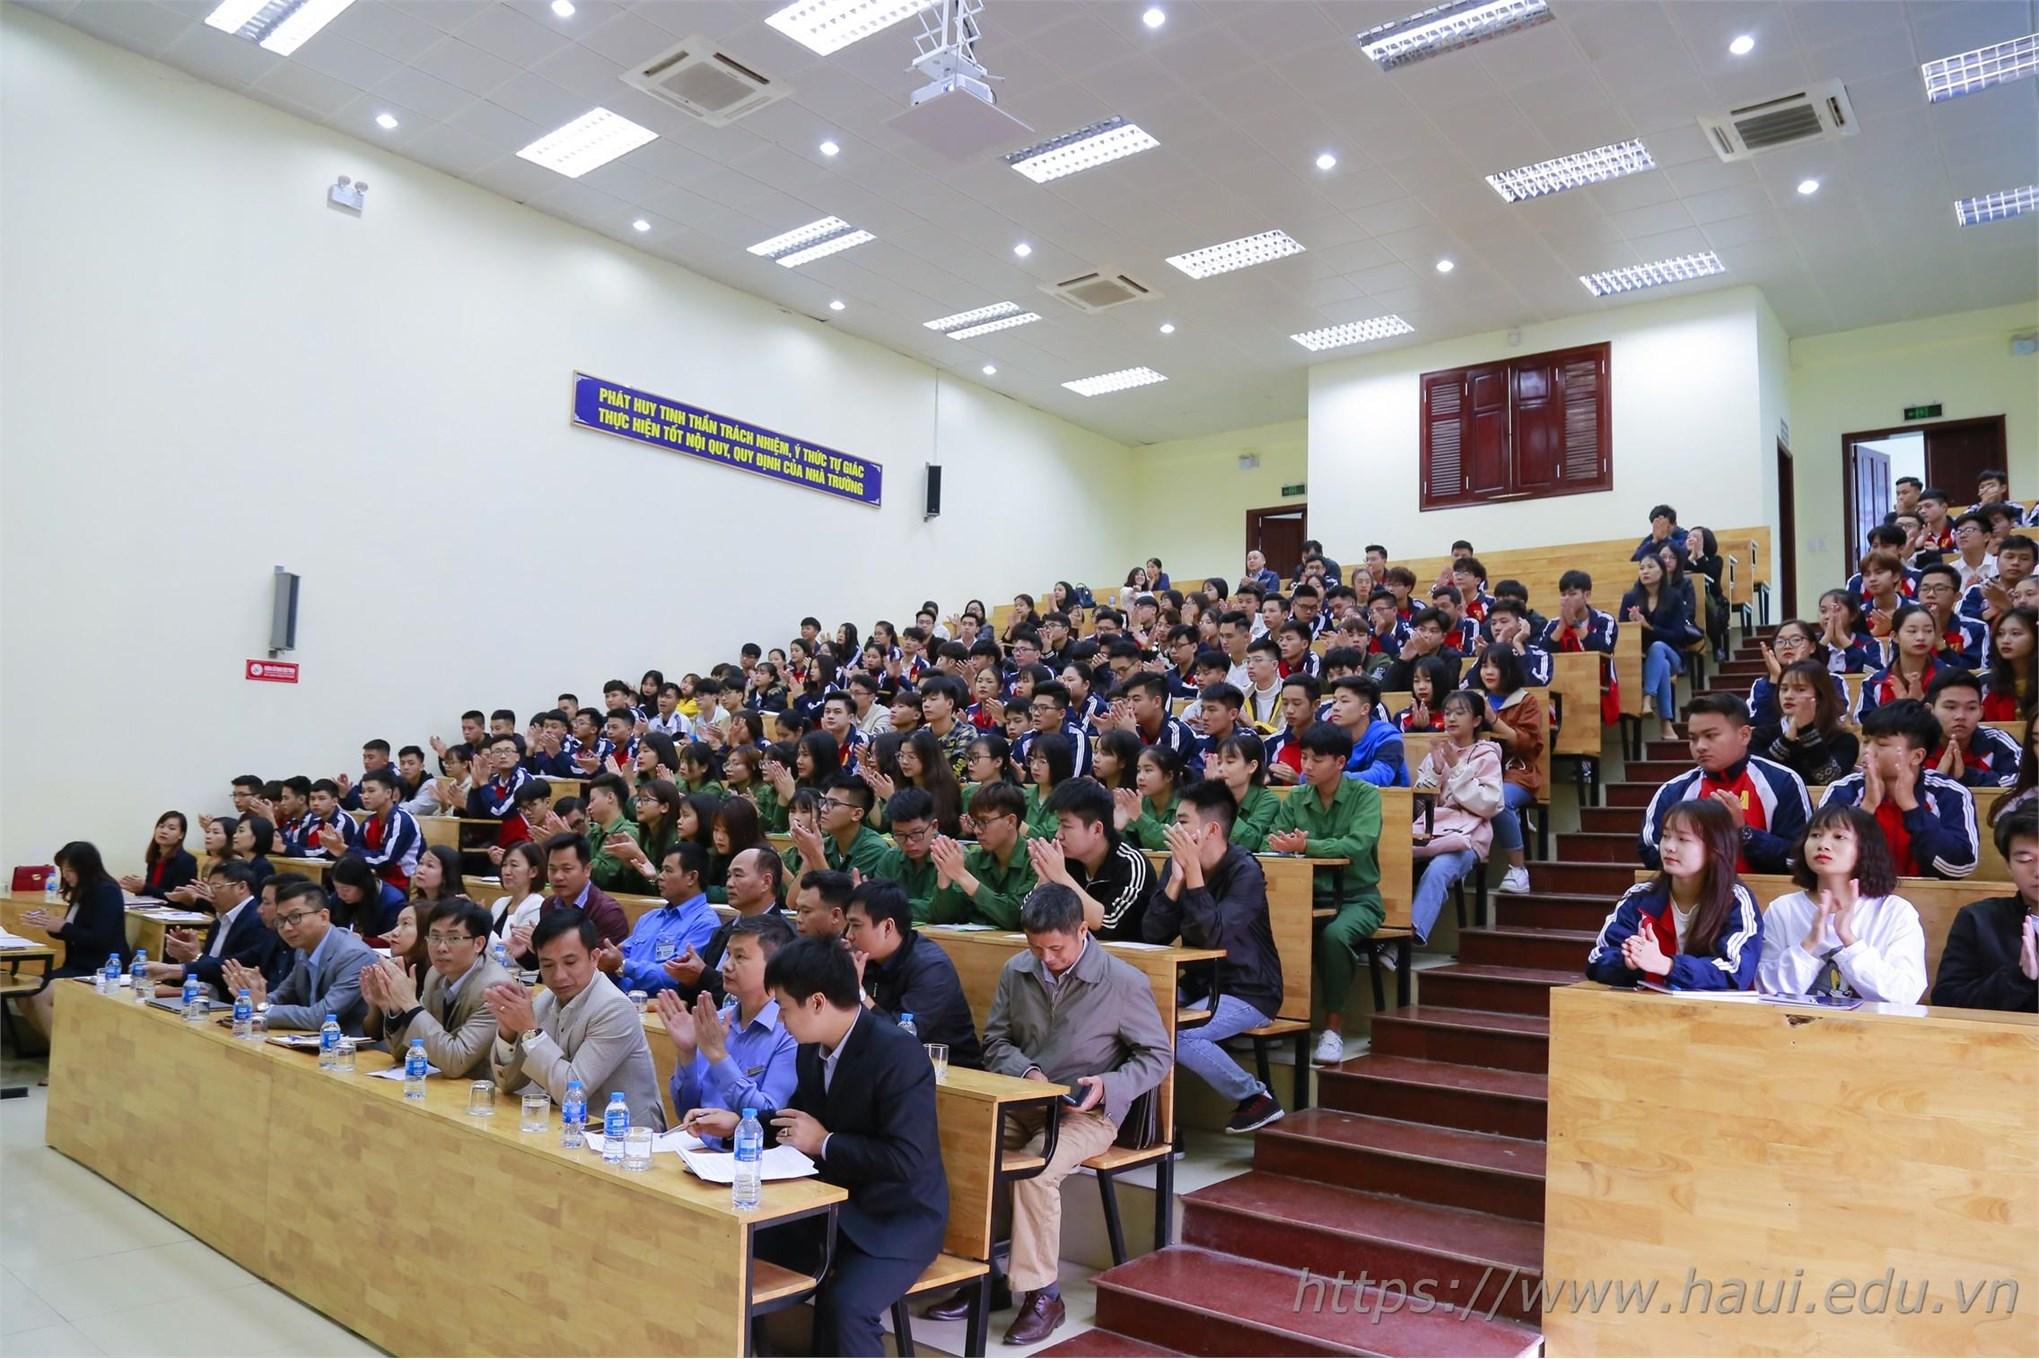 Hội nghị lớp trưởng, bí thư chi đoàn được thực hiện rất hiệu quả, tạo niềm tin cho sinh viên nhà trường